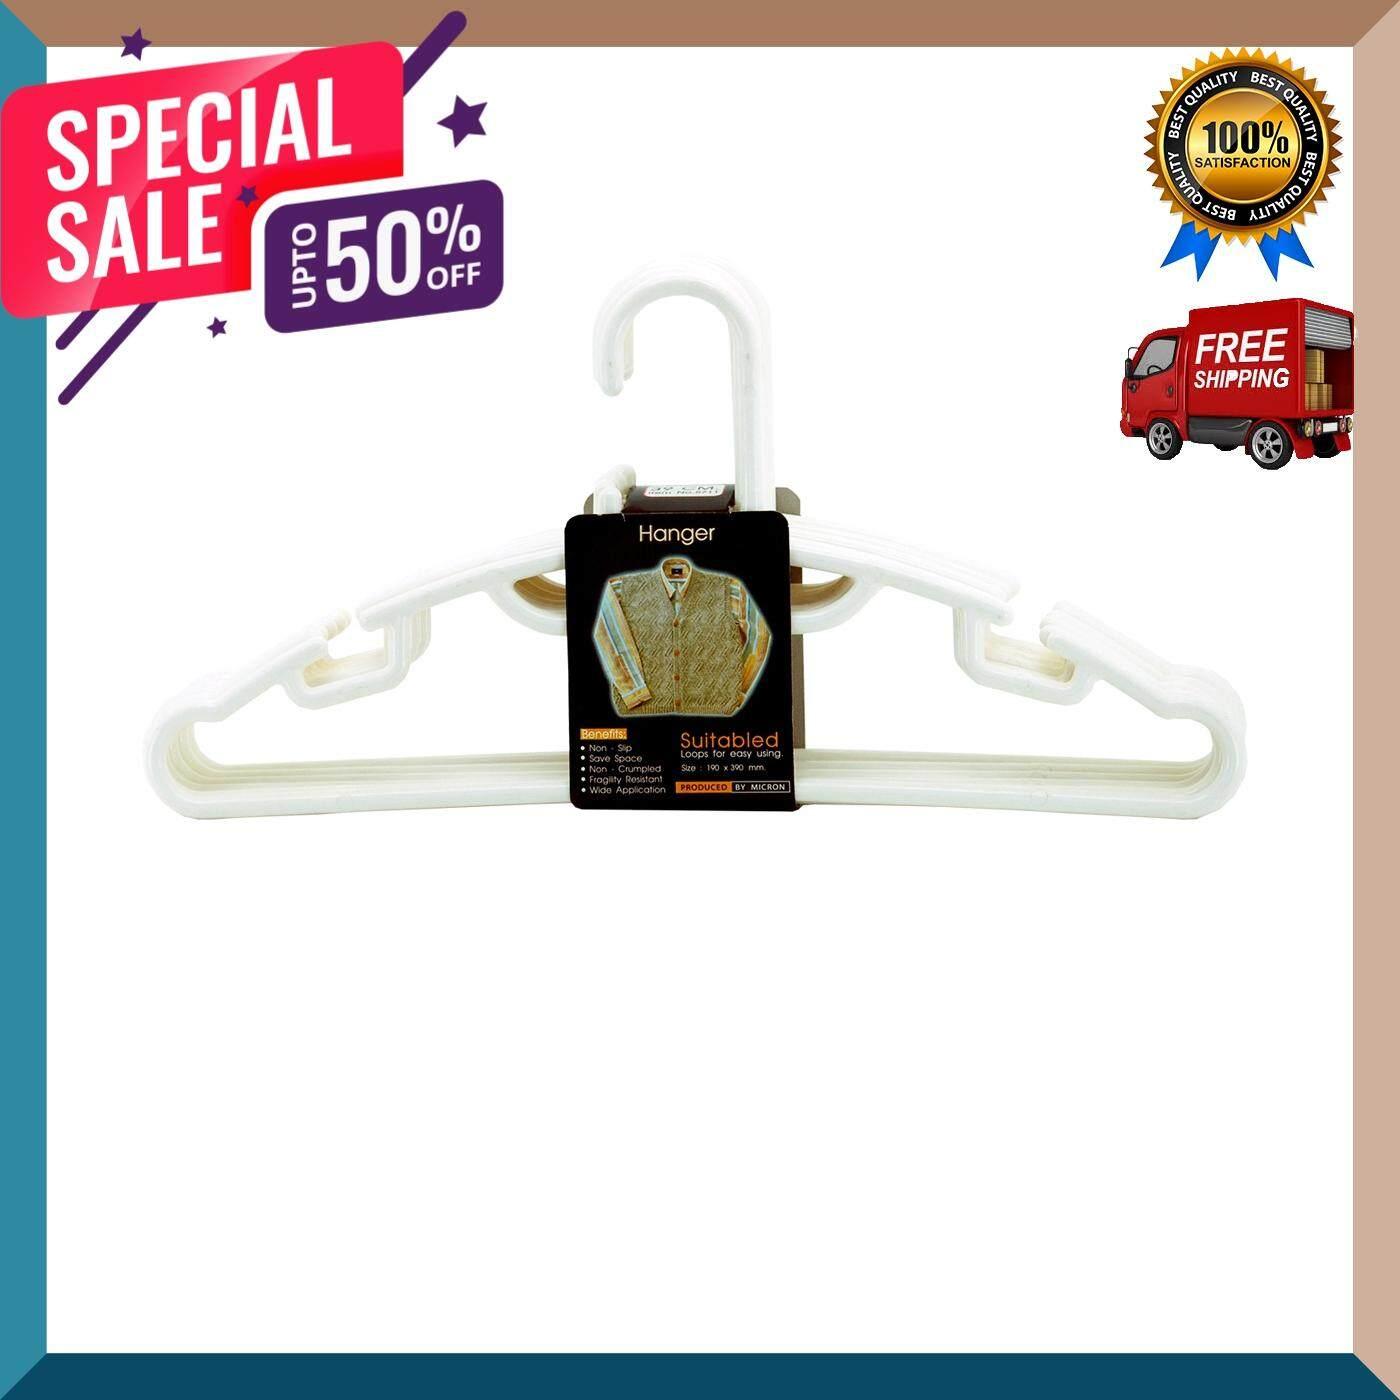 ไม้แขวนเสื้อชุด 6 ชิ้น Jcp รุ่น 5711@2 ขนาด 190 X 390 มม. สีขาว อุปกรณ์รีดผ้า ไม้แขวนเสื้อ ดีไซร์สวยงาม ราวตากผ้า จัดส่งฟรี By Gus-Shop.